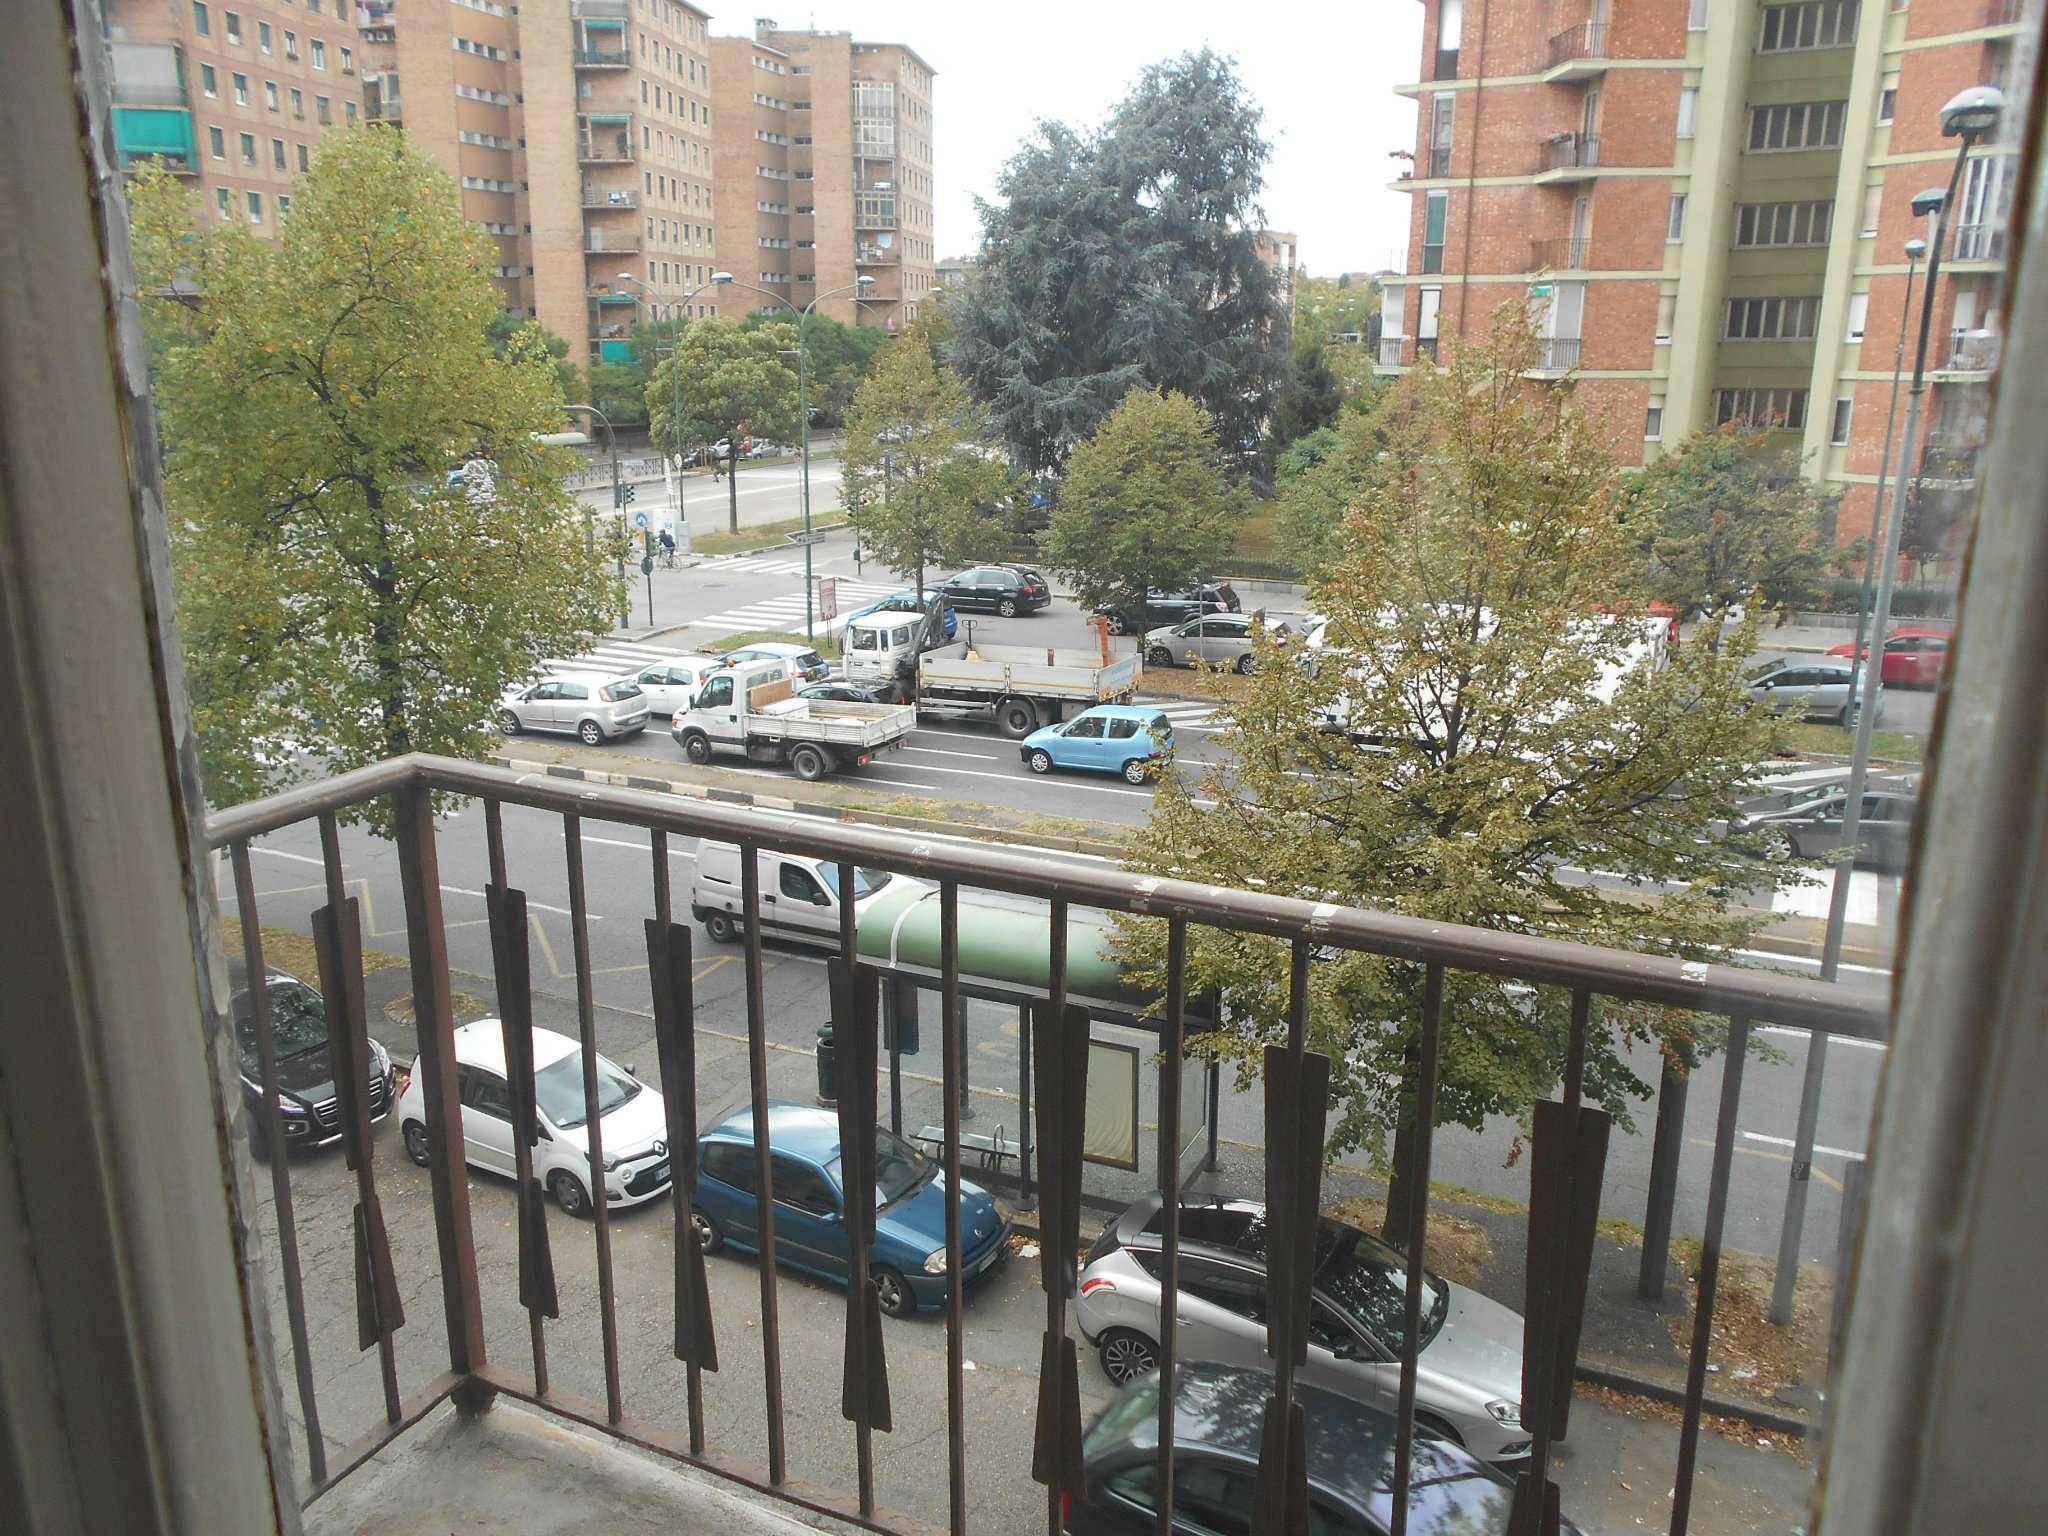 Appartamento in vendita a Torino, 2 locali, zona Zona: 6 . Lingotto, prezzo € 55.000 | CambioCasa.it